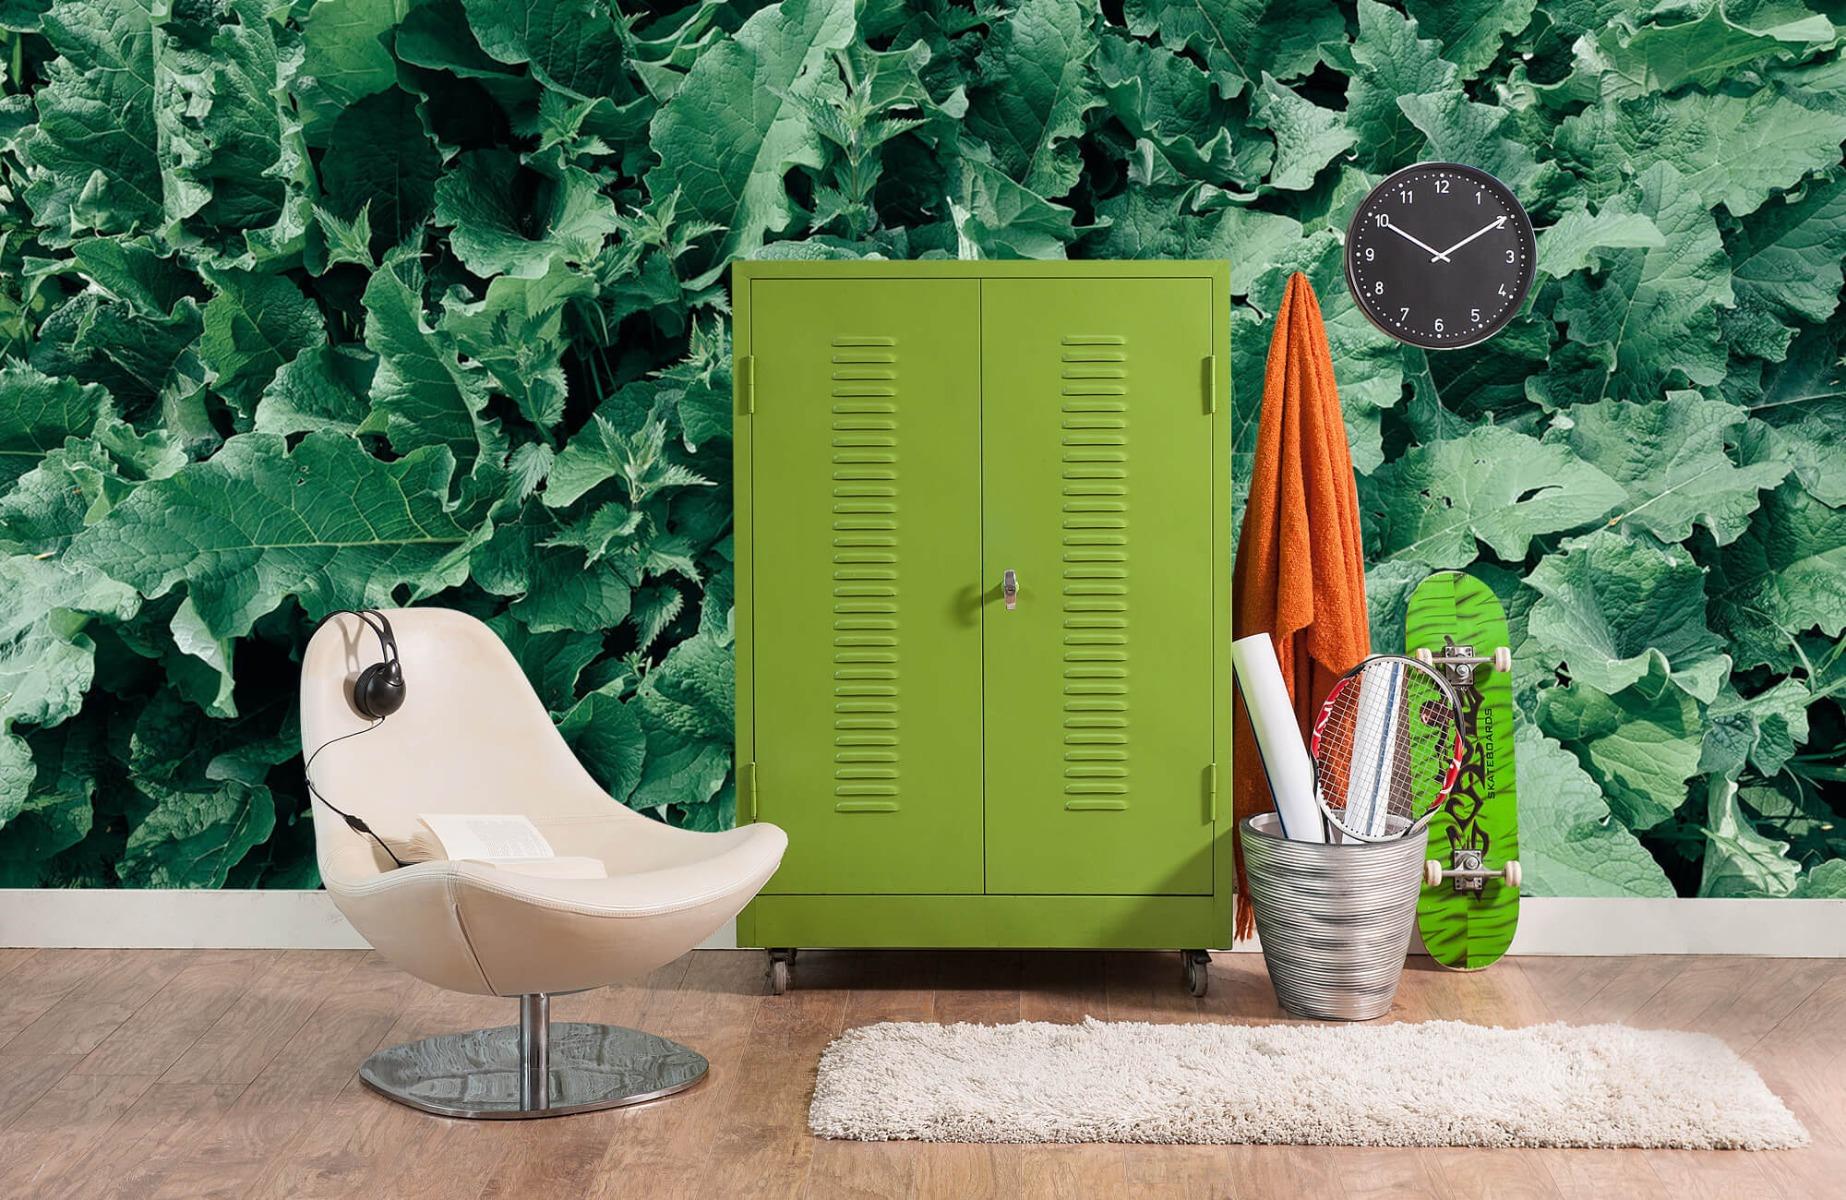 Bladeren - Gedetailleerd groen bladerdek - Wallexclusive - Slaapkamer 18